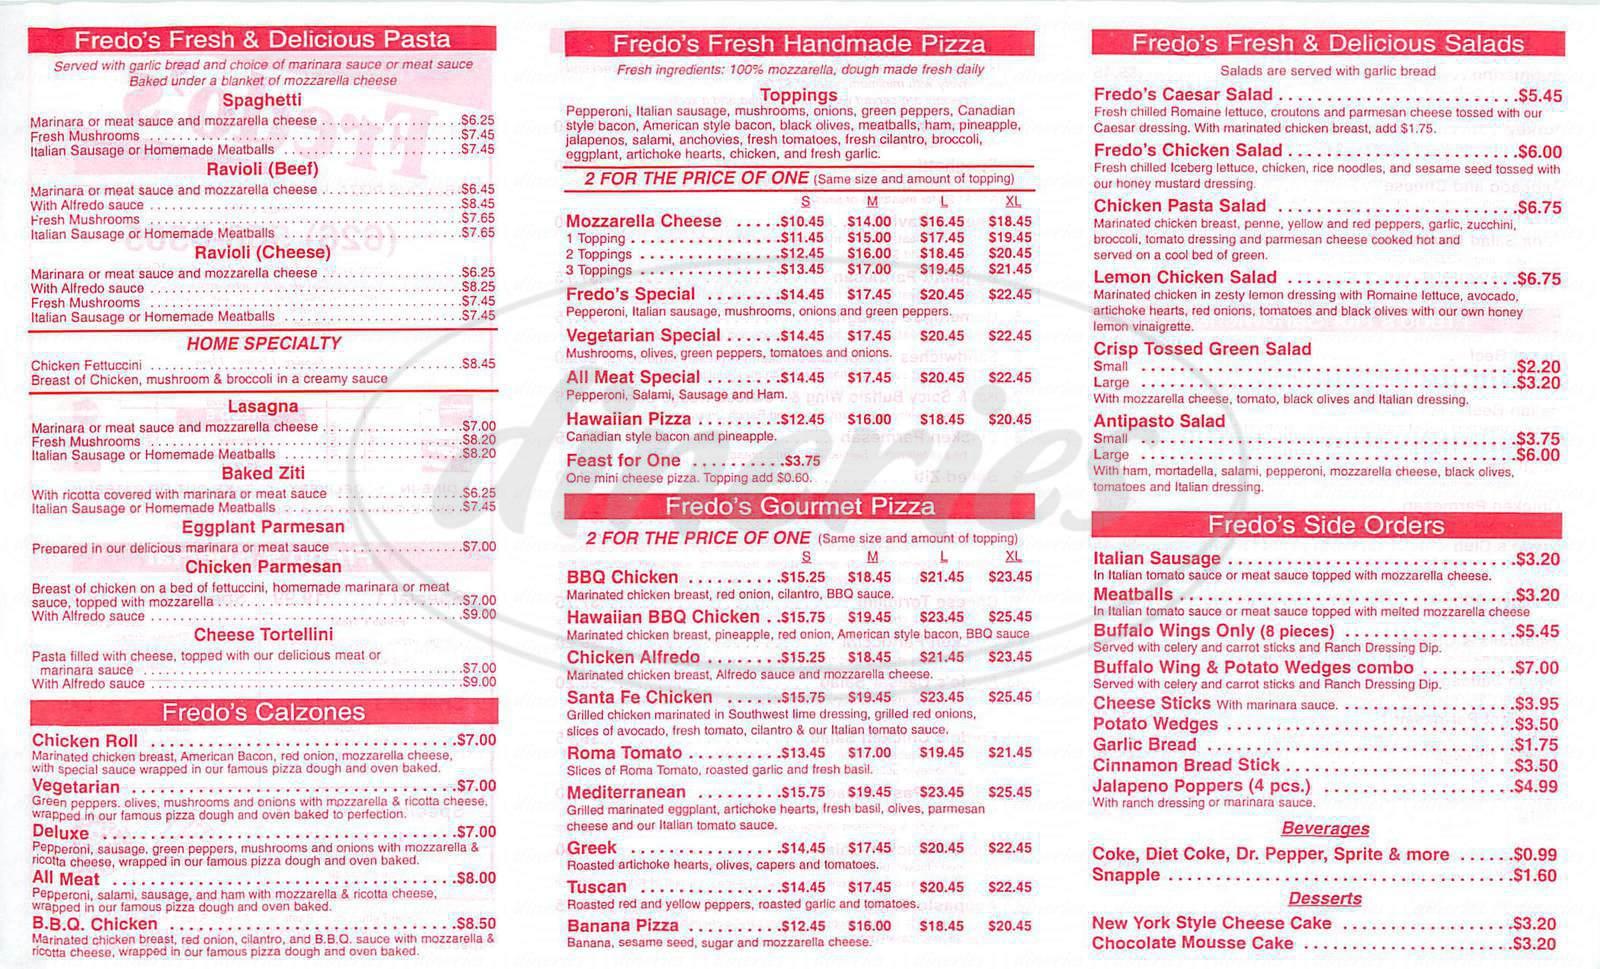 menu for Fredo's